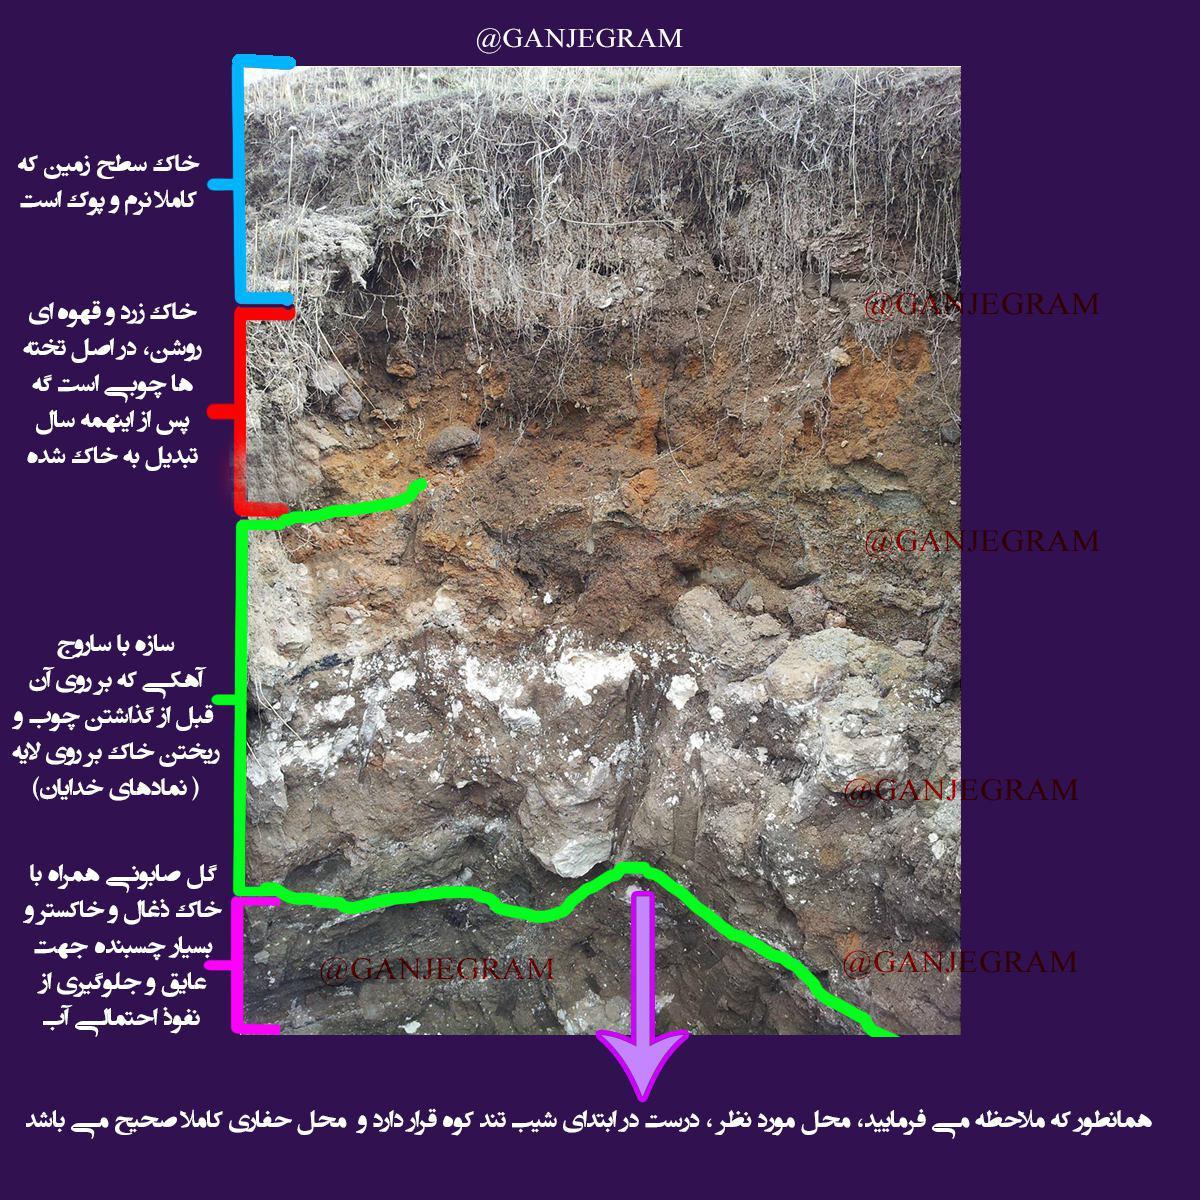 آموزش کامل لایه شناسی خاک ها در گنج و دفینه یابی شناخت لایه های زمین خاک زرد سیاه ماسه بادی آهک